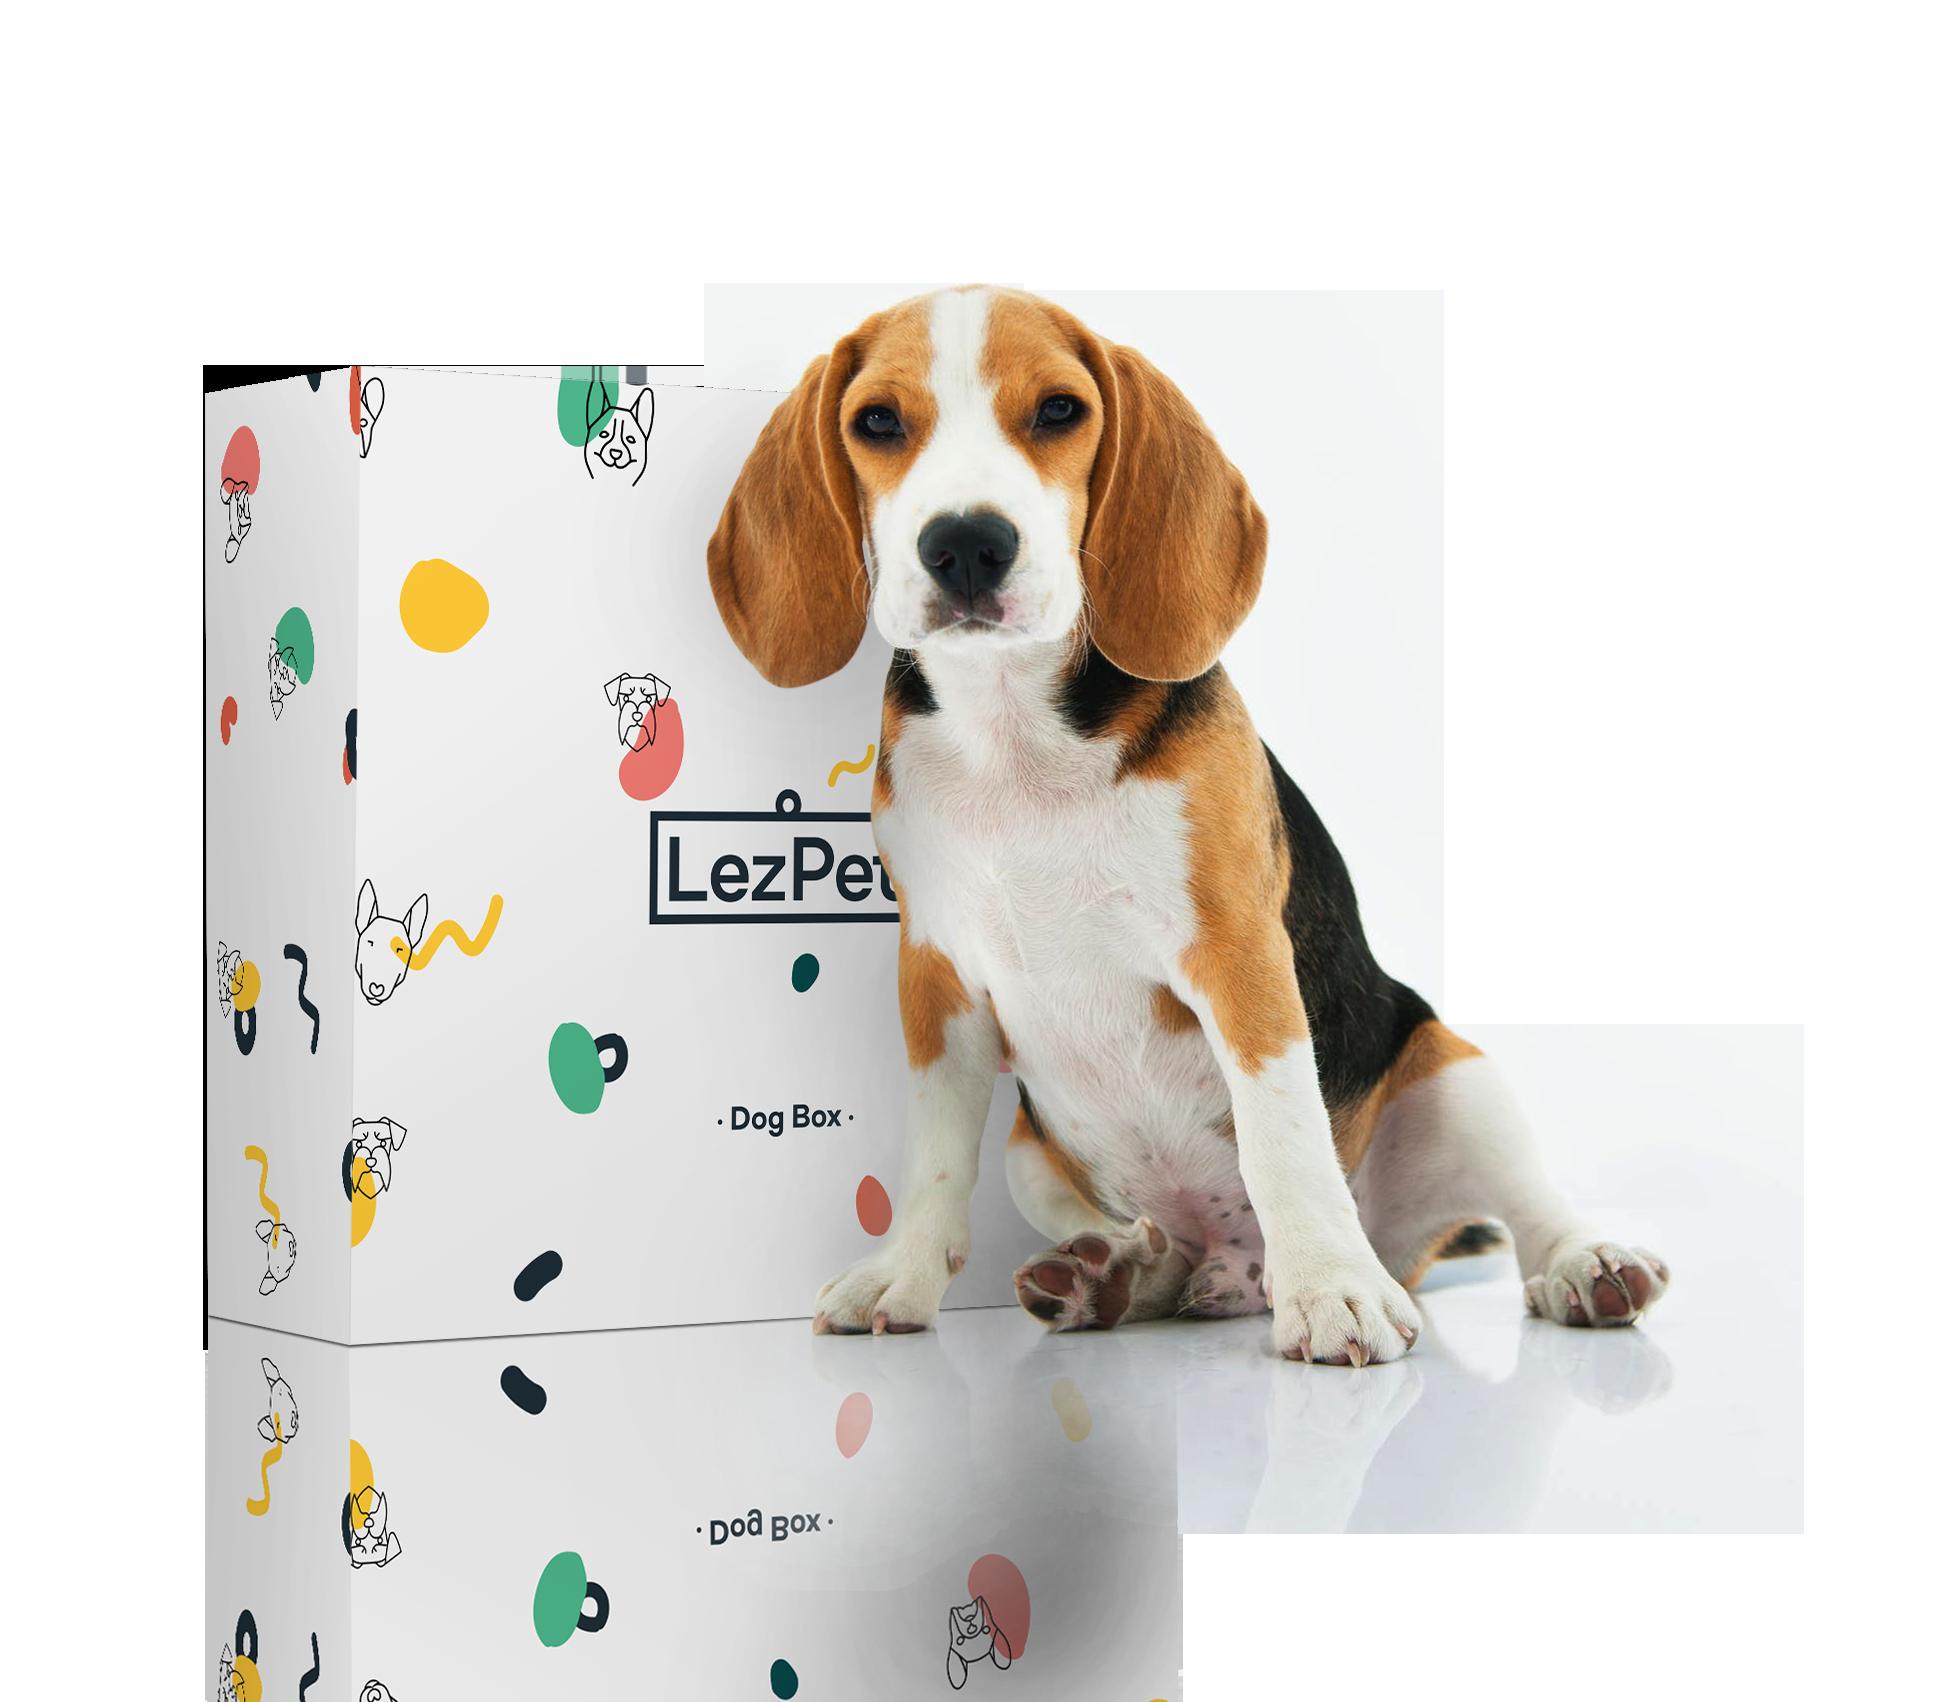 Il Regalo Originale. Il primo kit per cucinare al cane. - LezPet è il primo kit al mondo che racchiude in una box tutto ciò che ti serve per preparare deliziosi e sani pranzetti per il tuo cane. Non avrai bisogno di altro.